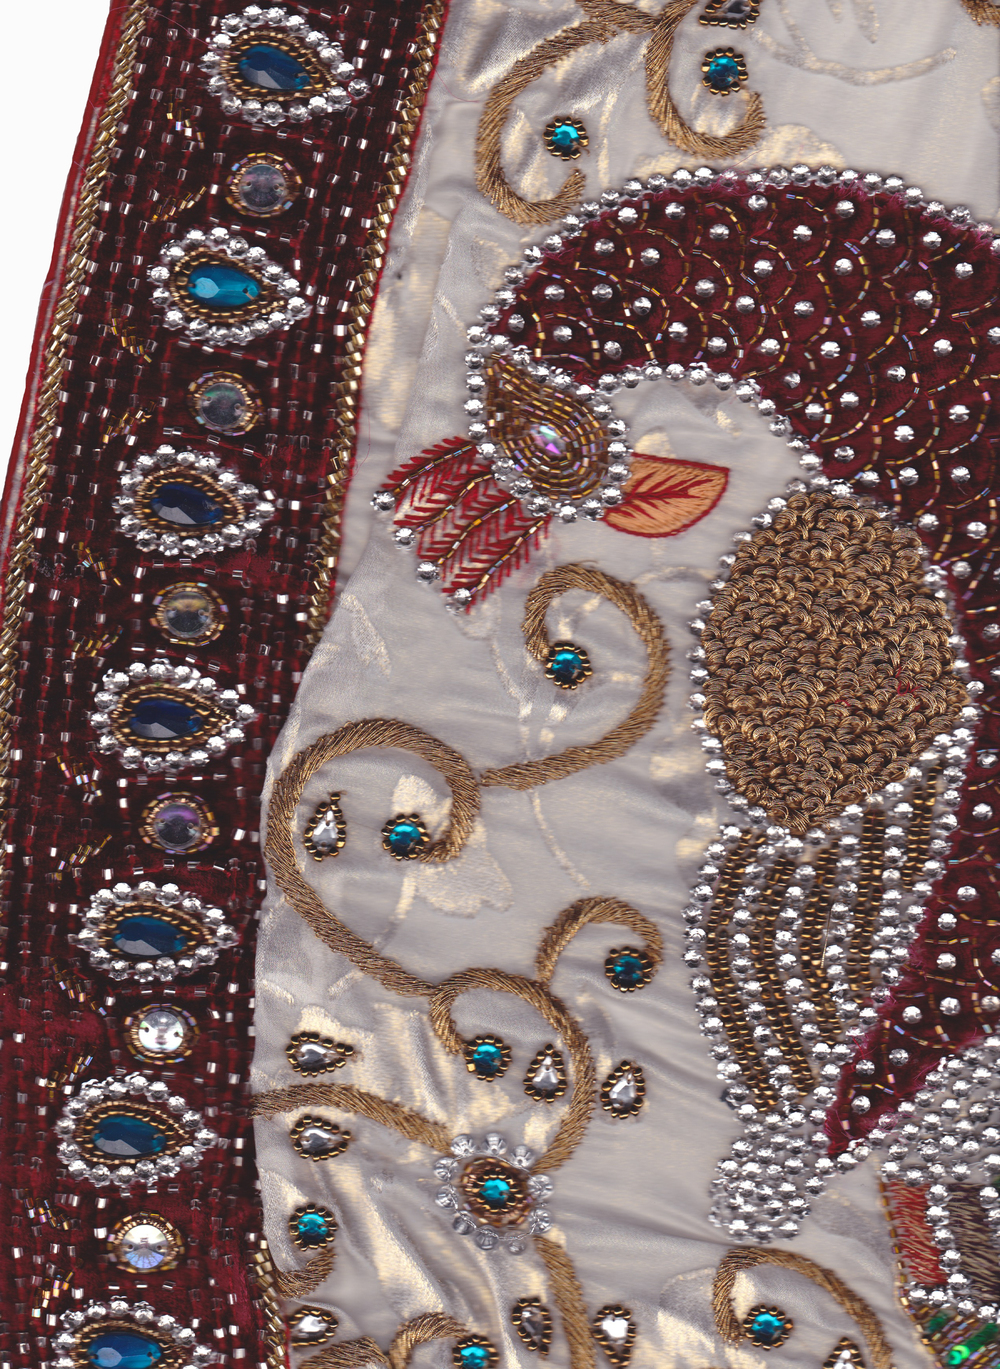 peacock sari border detail.jpg